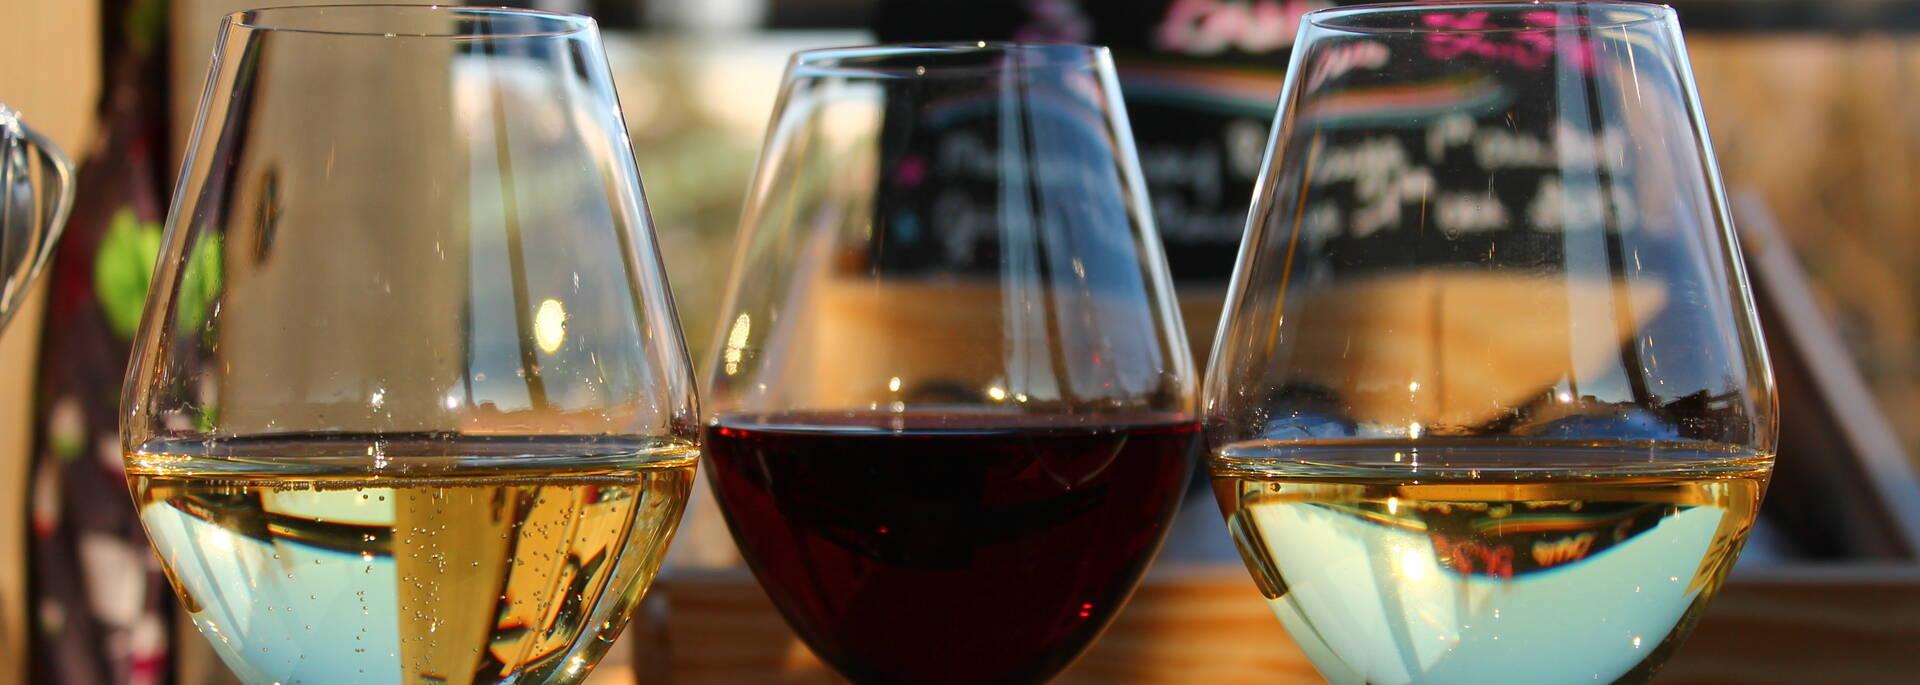 Chardonnay, pinot noir et crémant